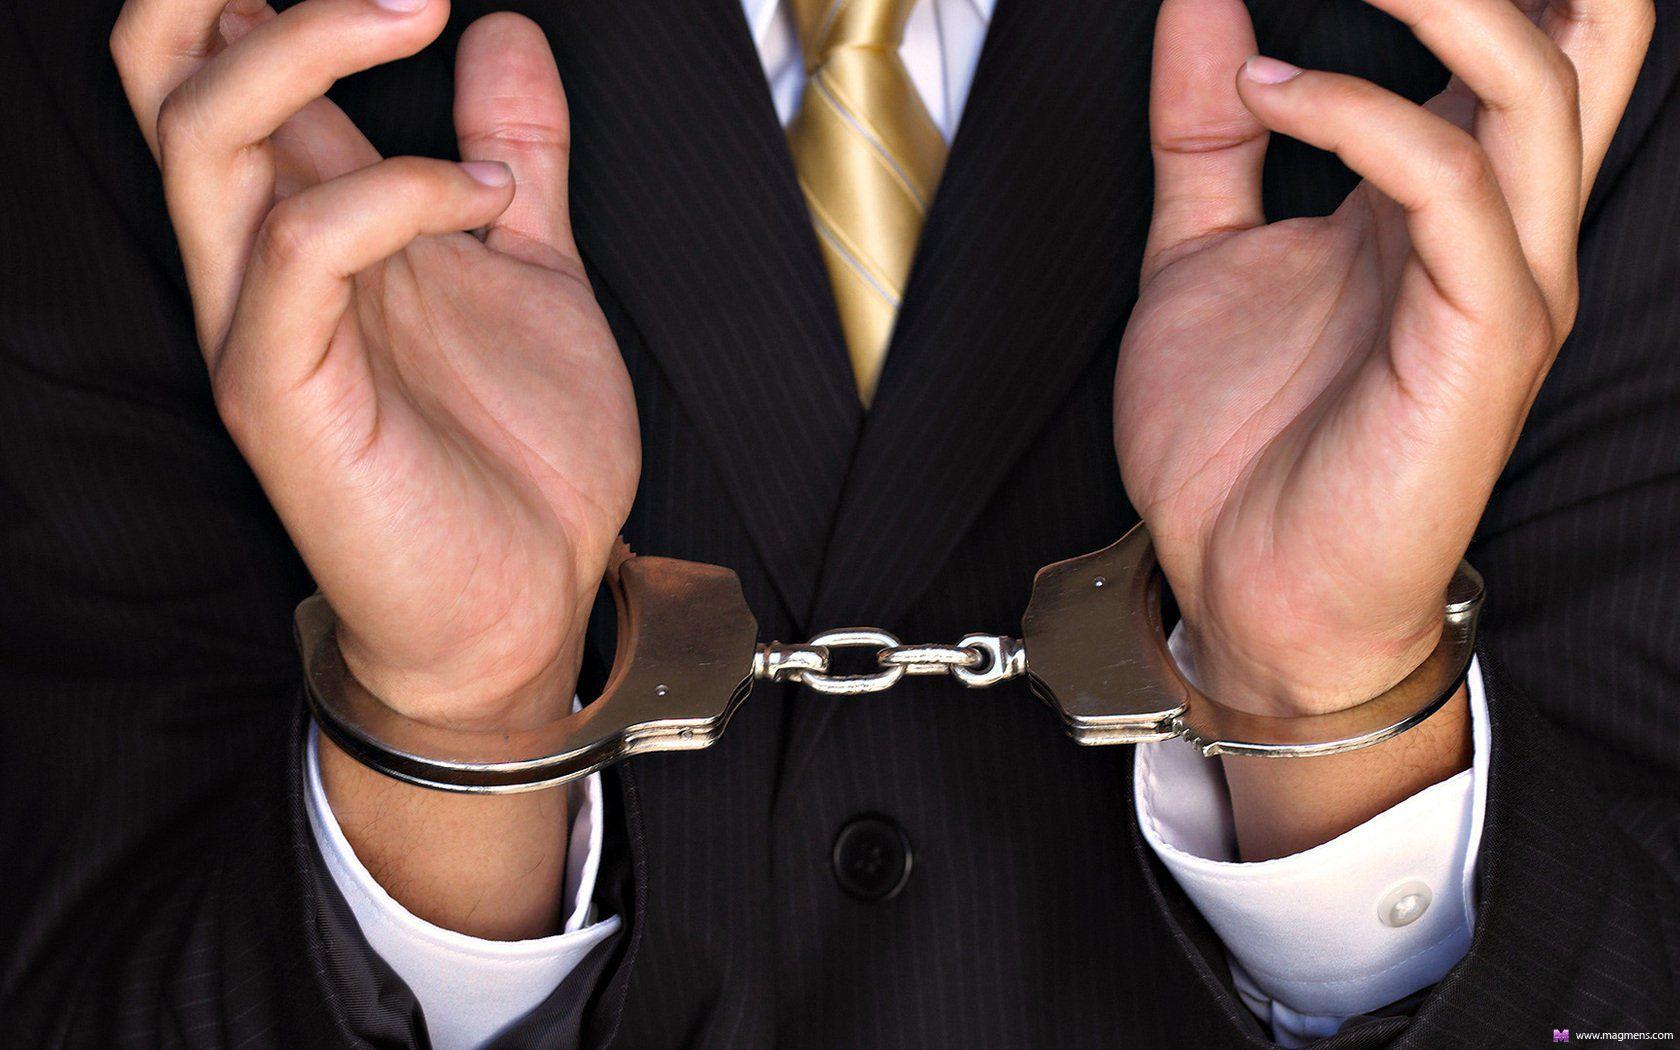 Кто может быть привлечен к уголовной ответственности